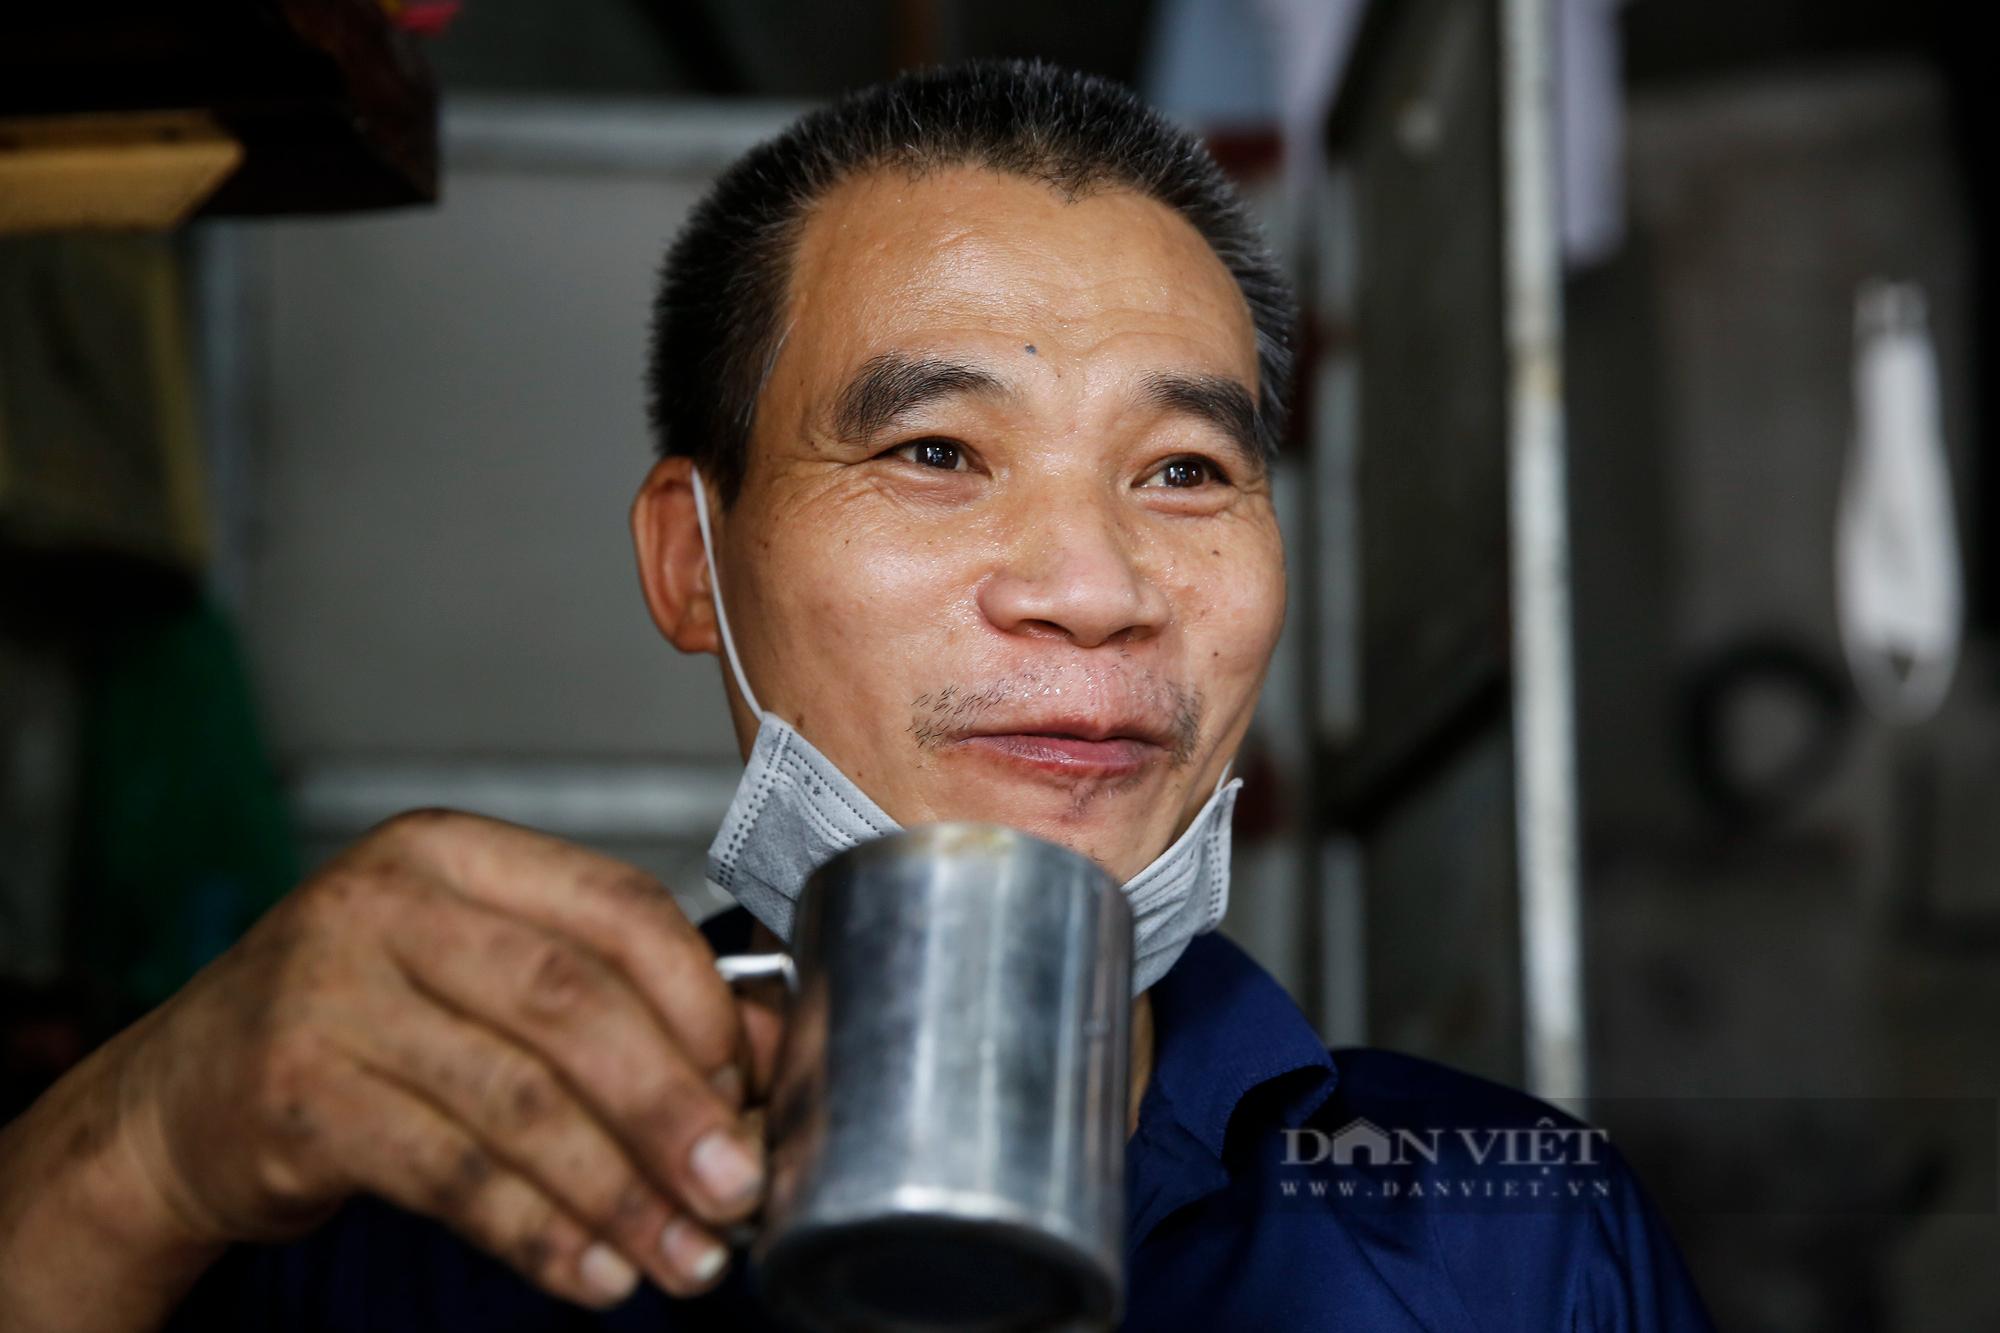 Hà Nội: Mang xe máy đi sửa, khách hàng phải chờ từ sáng đến chiều tối mới có thể nhận được xe - Ảnh 9.